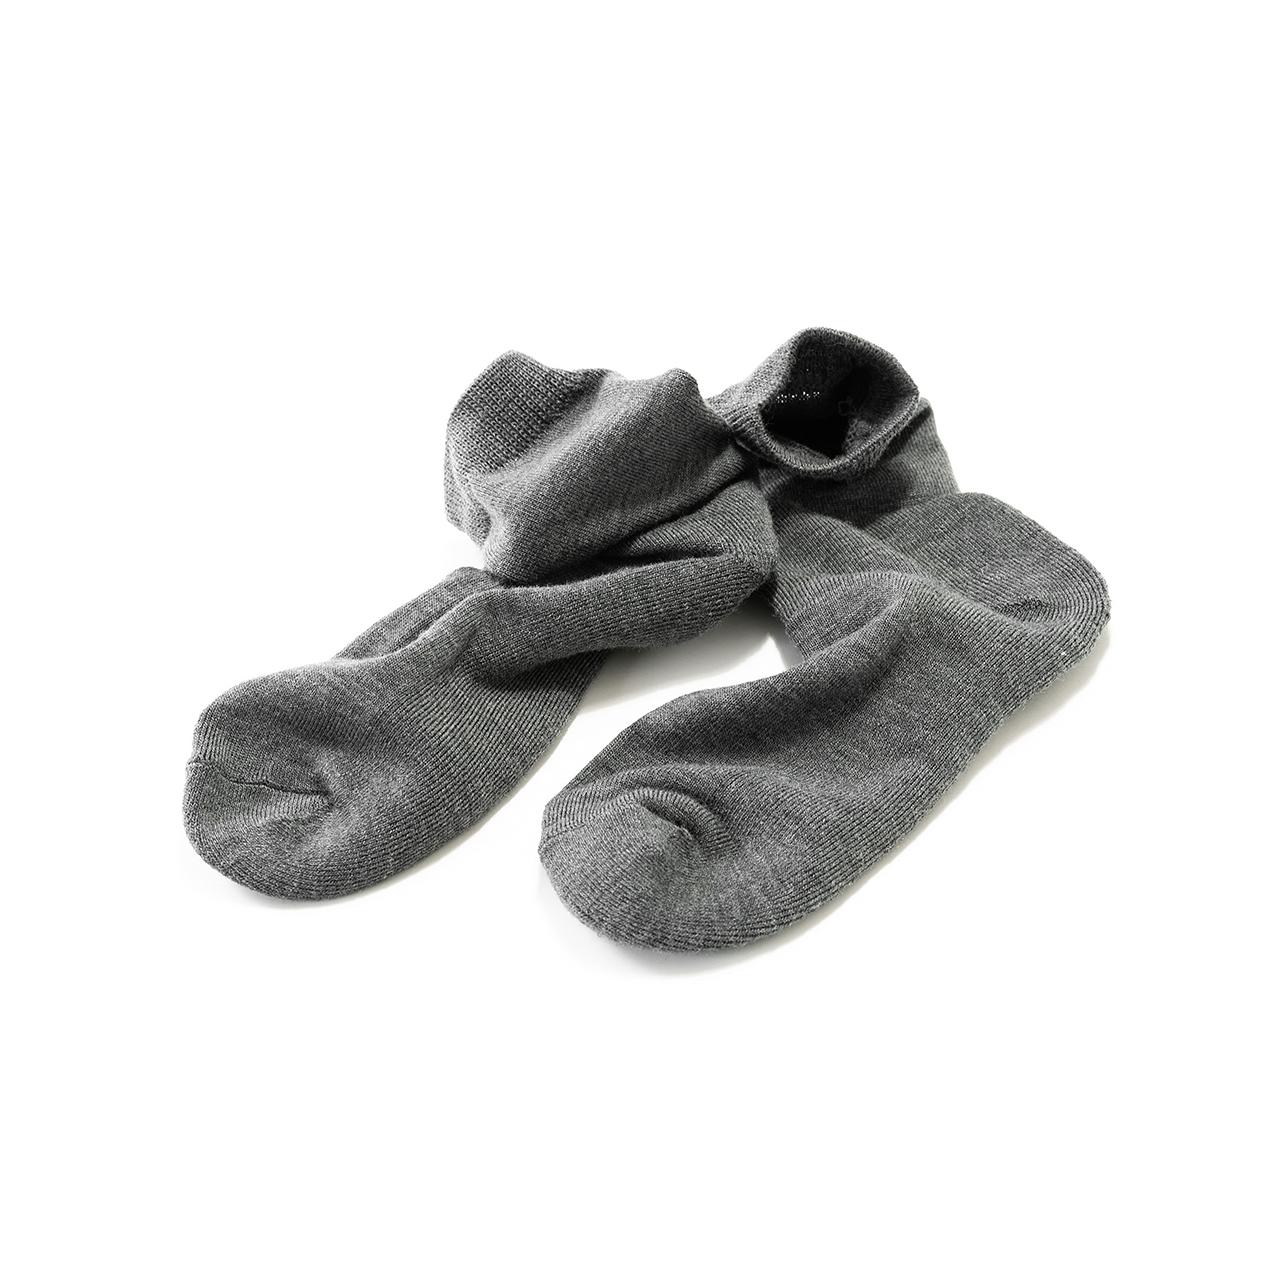 Merino Mixed Socks(開発中)